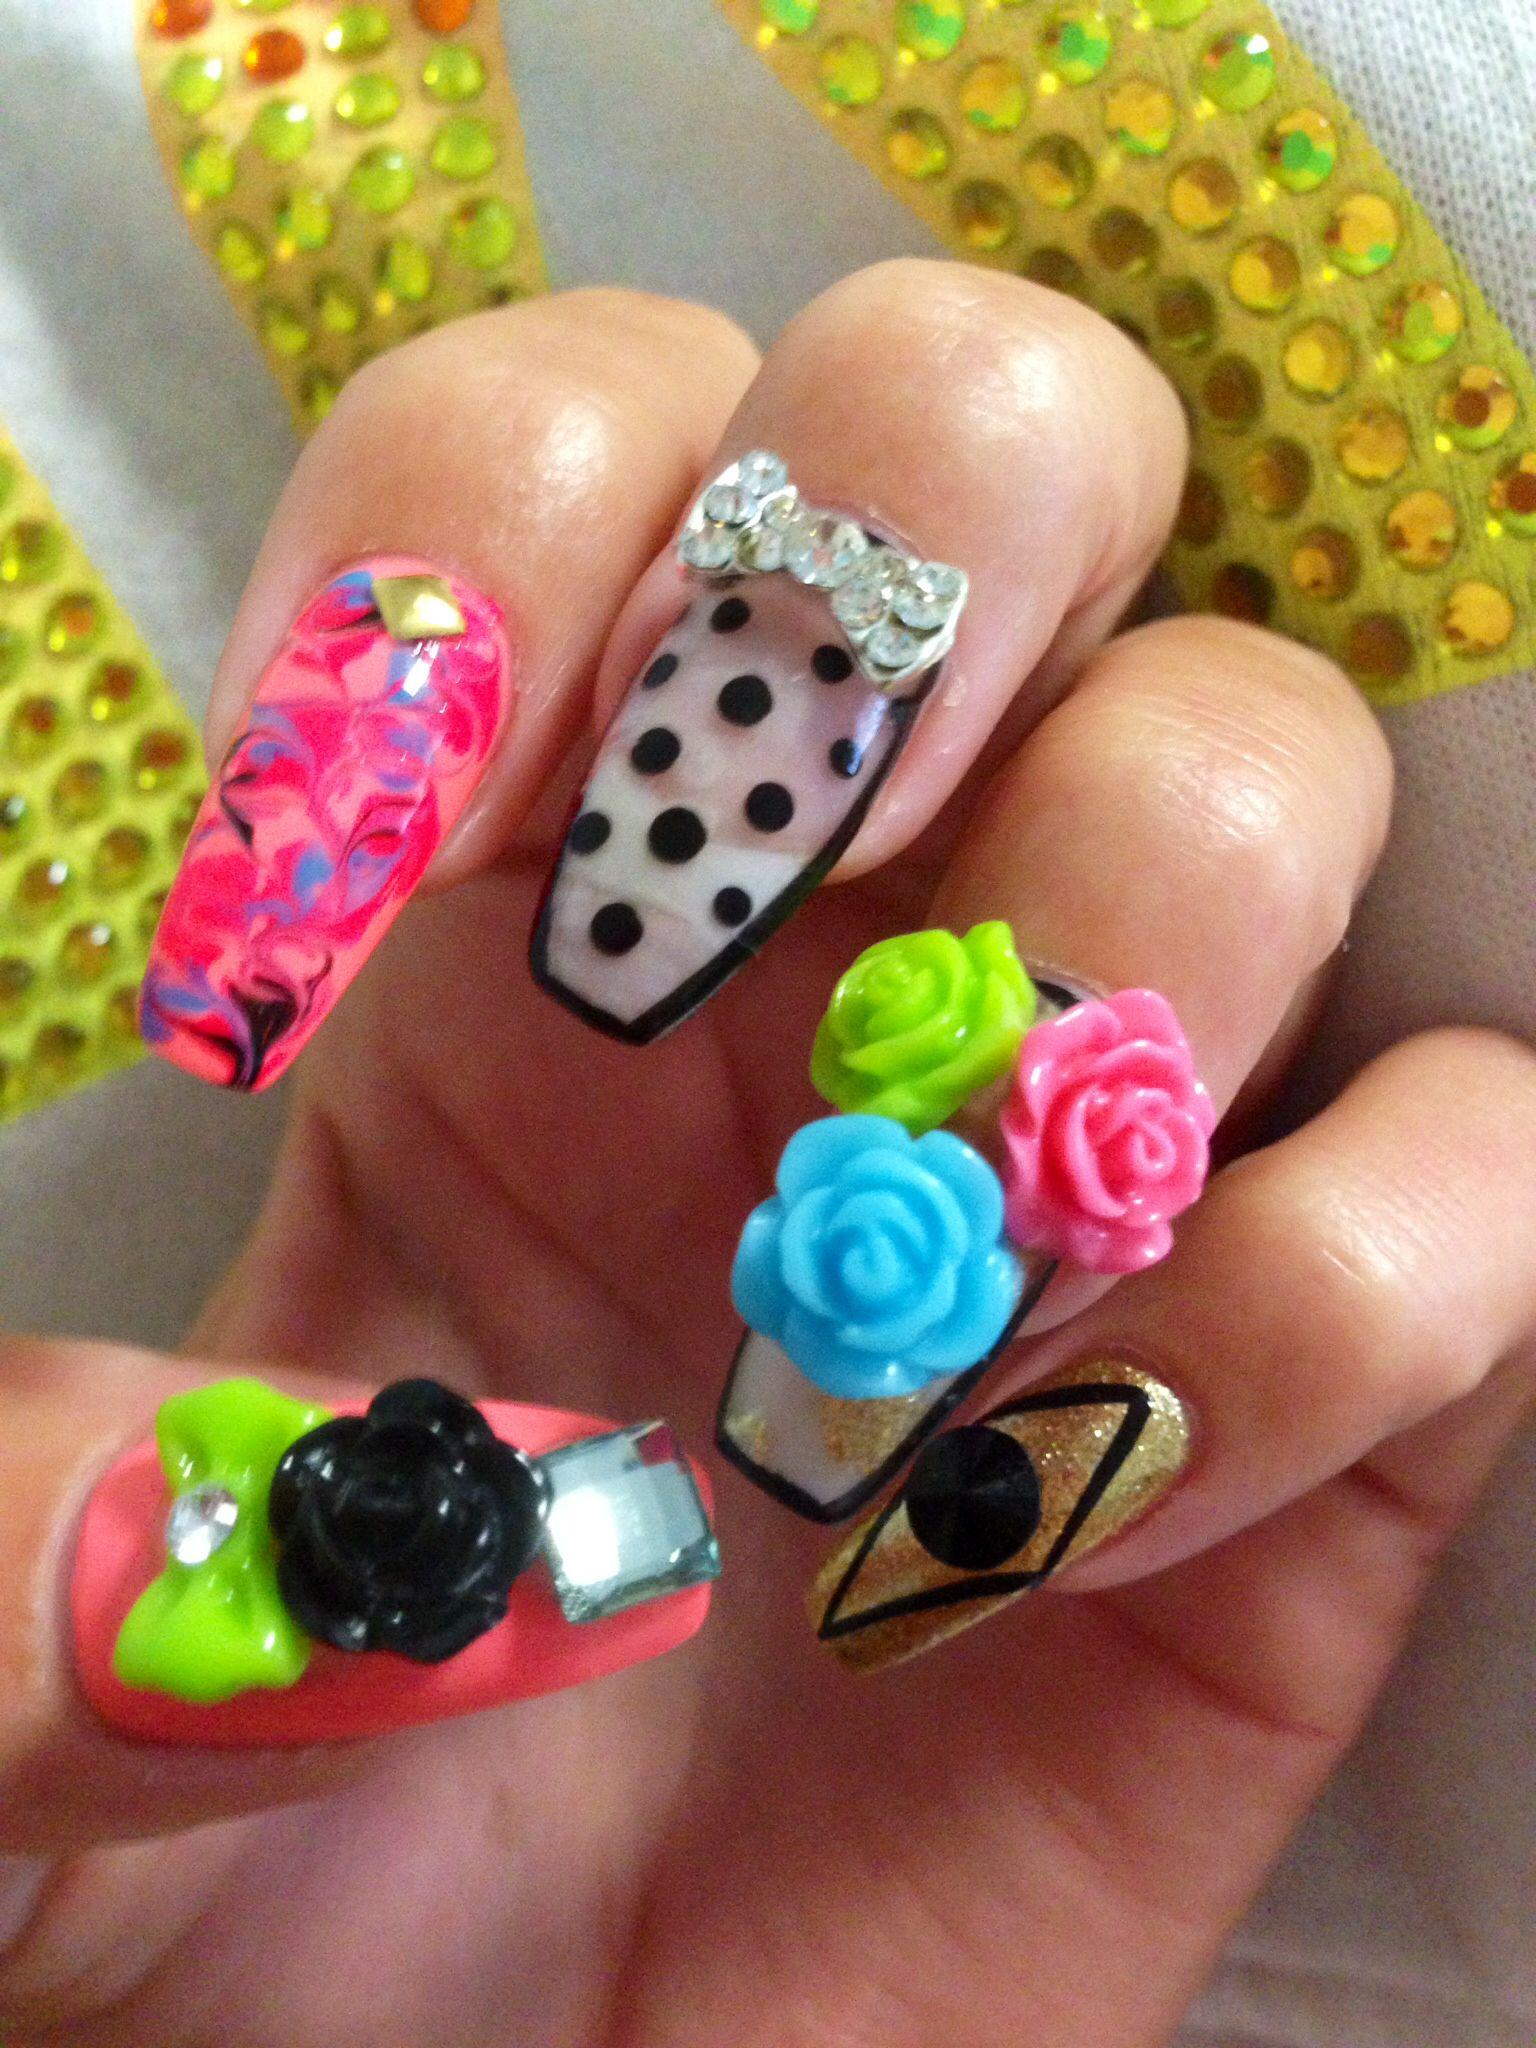 3d Nails Summer Nail Designs Dots Tye Dye Neon Nails Nails